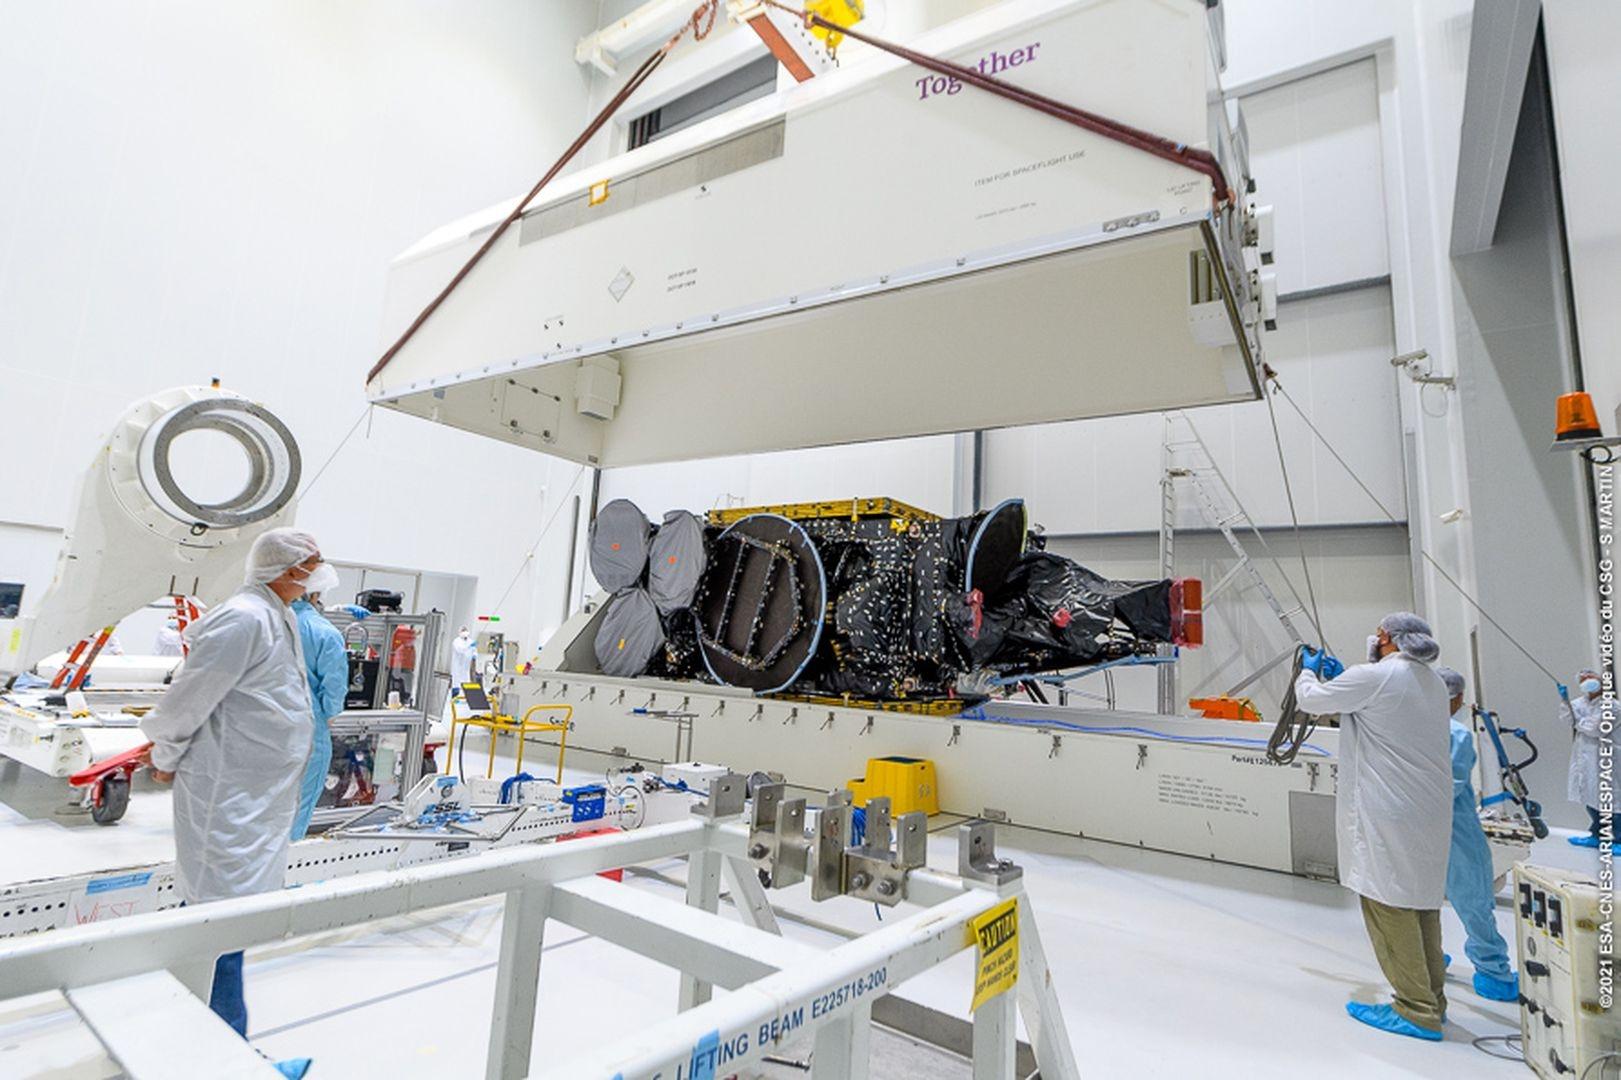 Remplissage du Satellite Star One D2 en ergols (carburant) par des ergoliers en combinaison. Il sera ensuite posé sur son adapteur pour s'intégrer au lanceur.